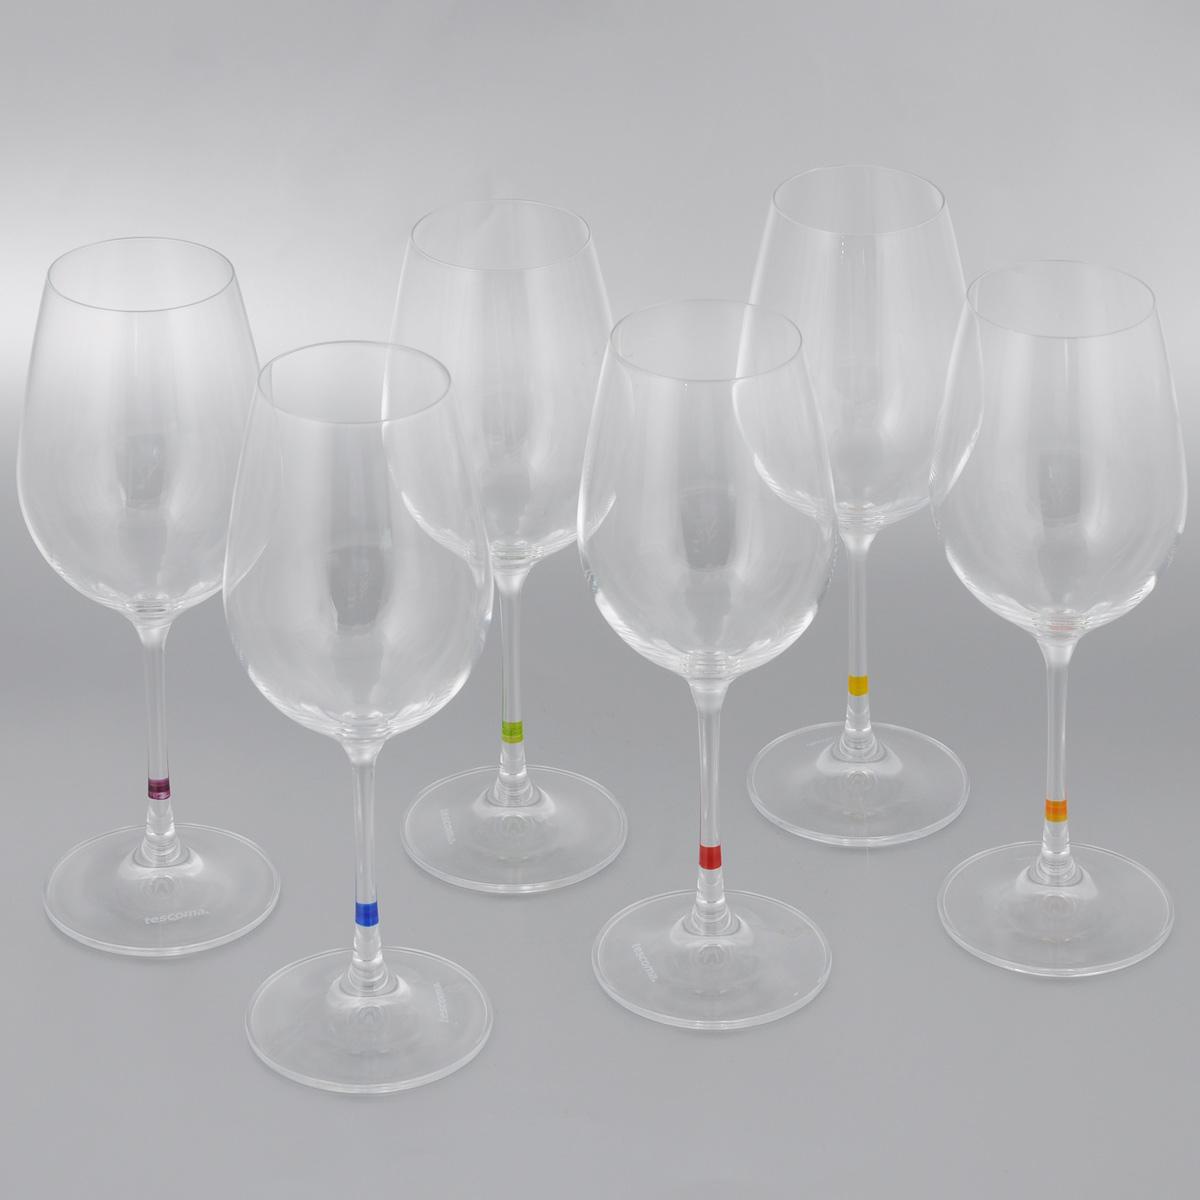 Набор бокалов для вина Tescoma Uno Vino, 350 мл, 6 шт695494Набор Tescoma Uno Vino, выполненный из прочного стекла, состоит из шести бокалов. Изделия предназначены для подачи вина. Они сочетают в себе элегантный дизайн и функциональность.Набор бокалов Tescoma Uno Vino прекрасно оформит праздничный стол и создаст приятную атмосферу за романтическим ужином.